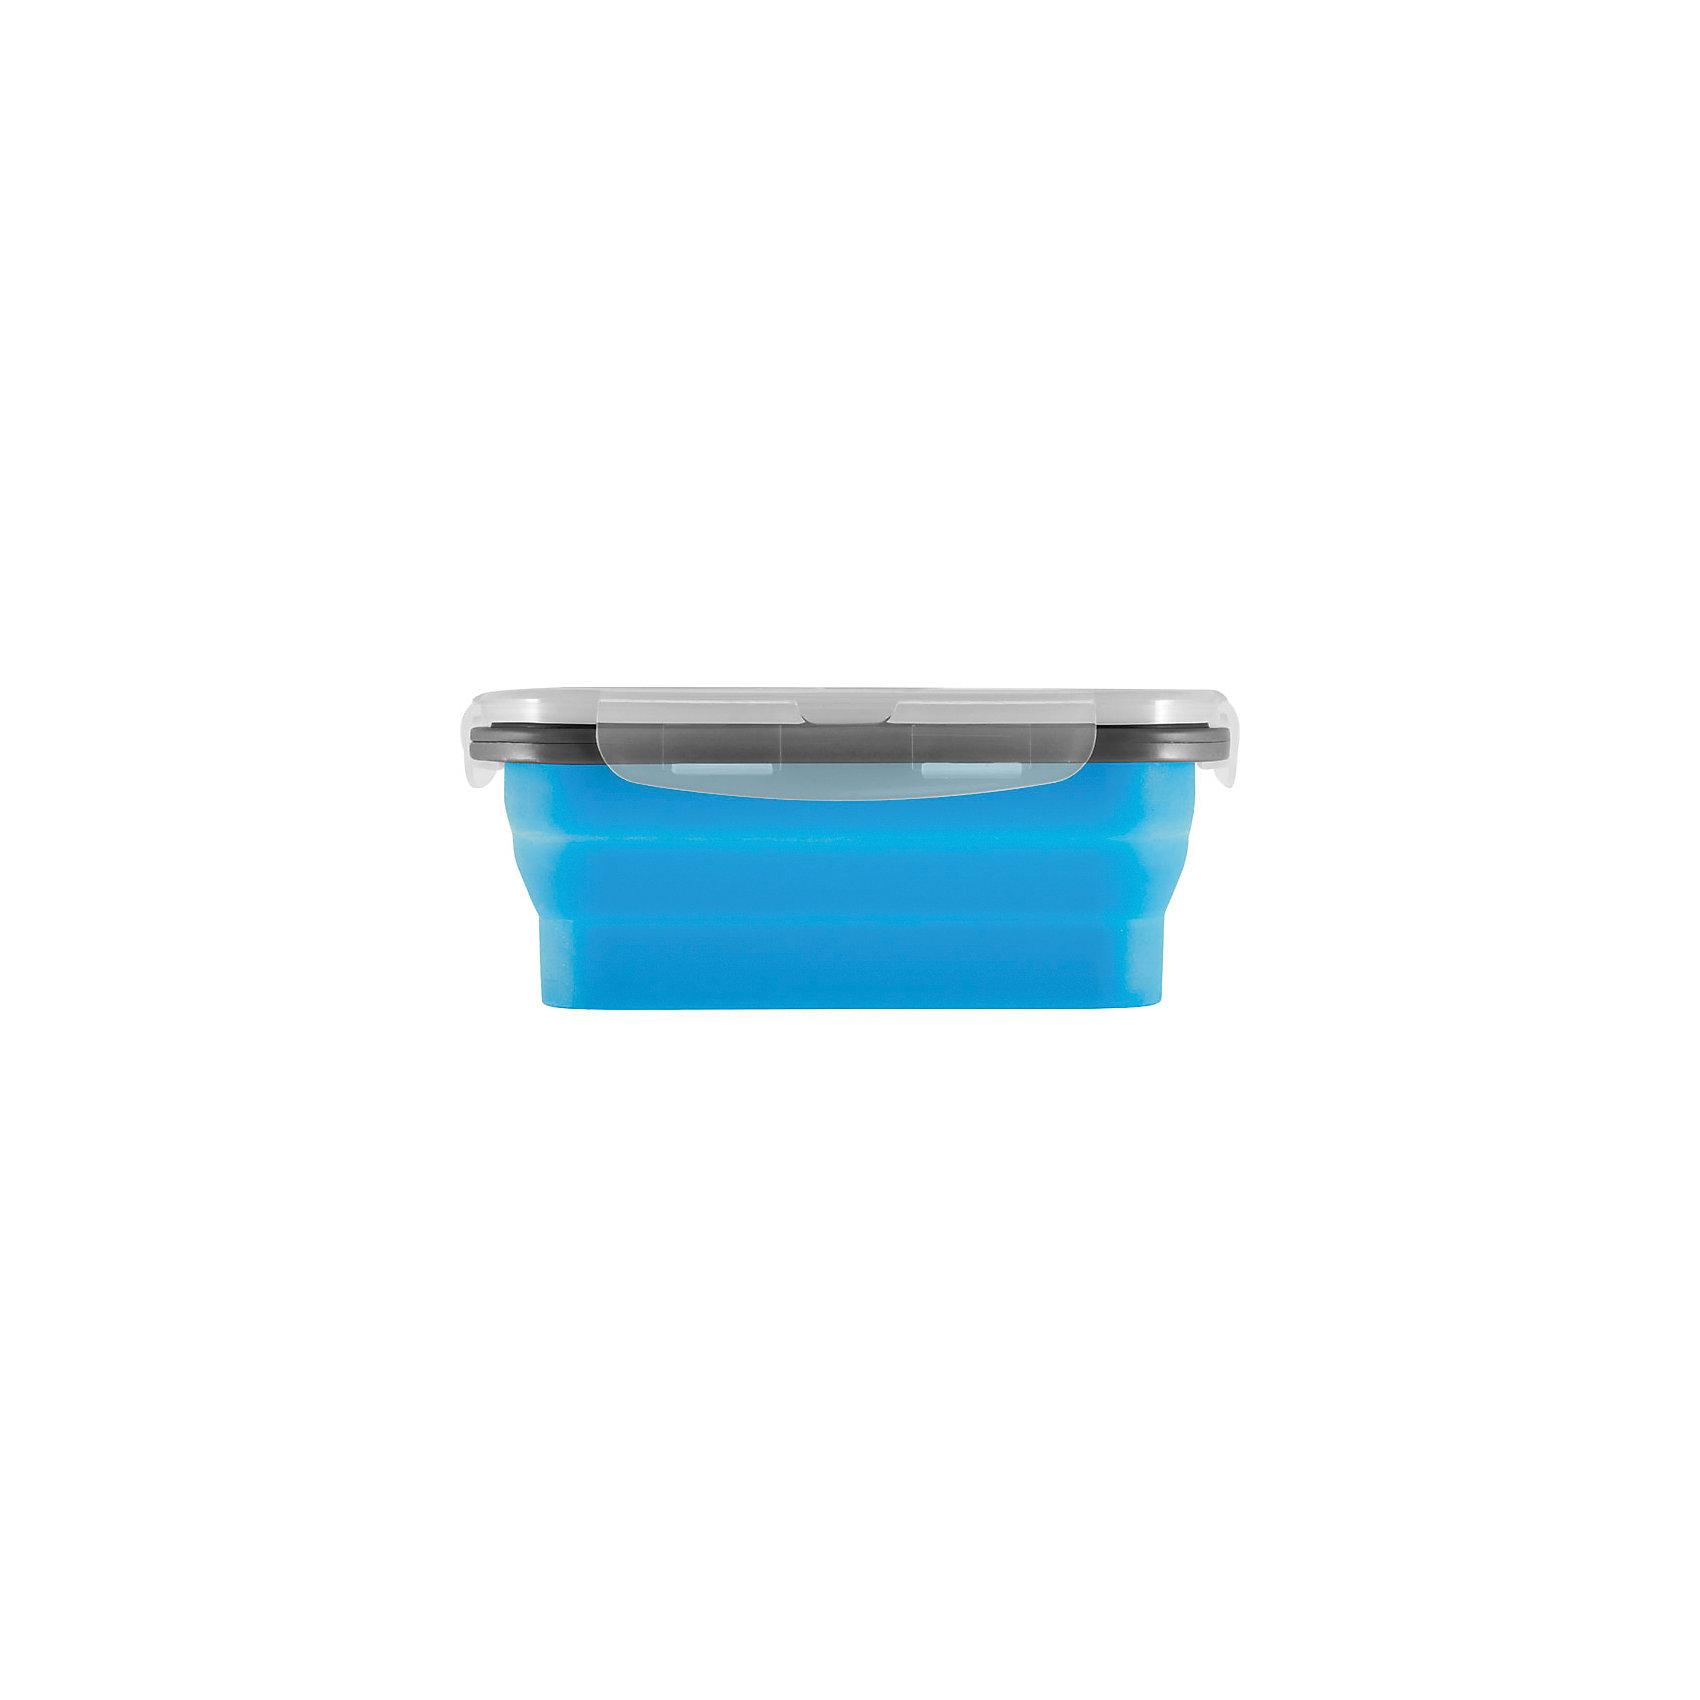 Силиконовый контейнер для еды с крышкой EL-350, MallonyПосуда для малышей<br>Контейнер с крышкой пригодится для того, чтобы взять бутерброды с собой в дорогу – это может быть школьный обед или поездка. Контейнер также используется для хранения еды в холодильнике. Крышка герметично закрывается. <br><br>Дополнительная информация:<br><br>Размер: 12,5х9х6,4 см<br>Объем: 350 мл<br><br>Материал: полипропилен, пищевой силикон<br><br>ВНИМАНИЕ! Данный артикул имеется в наличии в разных цветовых исполнениях (голубой, оранжевый). <br>К сожалению, заранее выбрать определенный цвет невозможно.<br><br>Силиконовый контейнер для еды с крышкой EL-350, Mallony можно купить в нашем интернет-магазине.<br><br>Ширина мм: 130<br>Глубина мм: 100<br>Высота мм: 30<br>Вес г: 128<br>Возраст от месяцев: 216<br>Возраст до месяцев: 1080<br>Пол: Унисекс<br>Возраст: Детский<br>SKU: 4989858